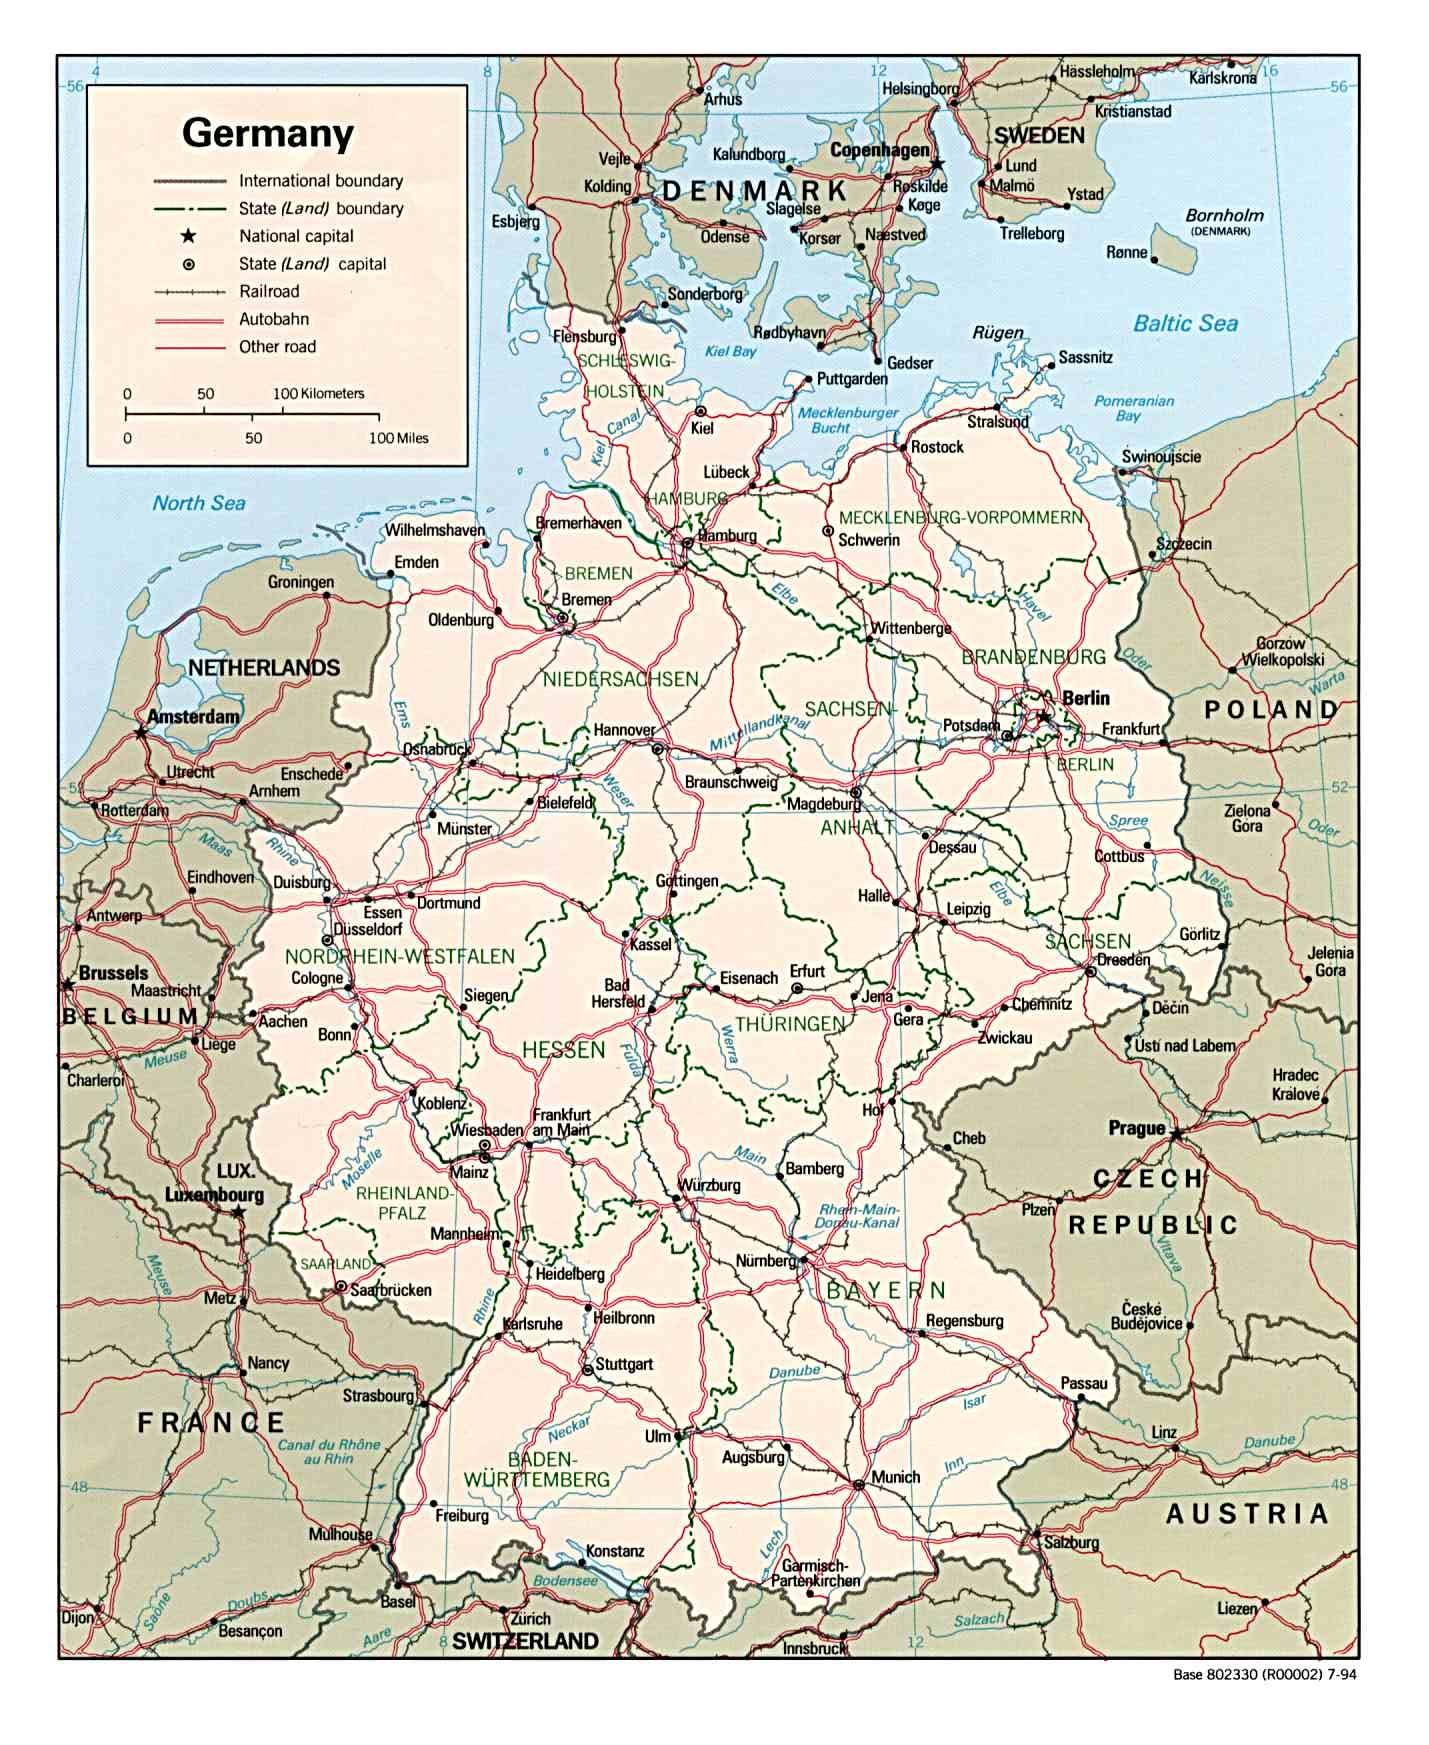 Landkarte Deutschland - Deutschlandkarte - Deutschland Landkarte für Deutschlandkarte Mit Bundesländern Und Städten